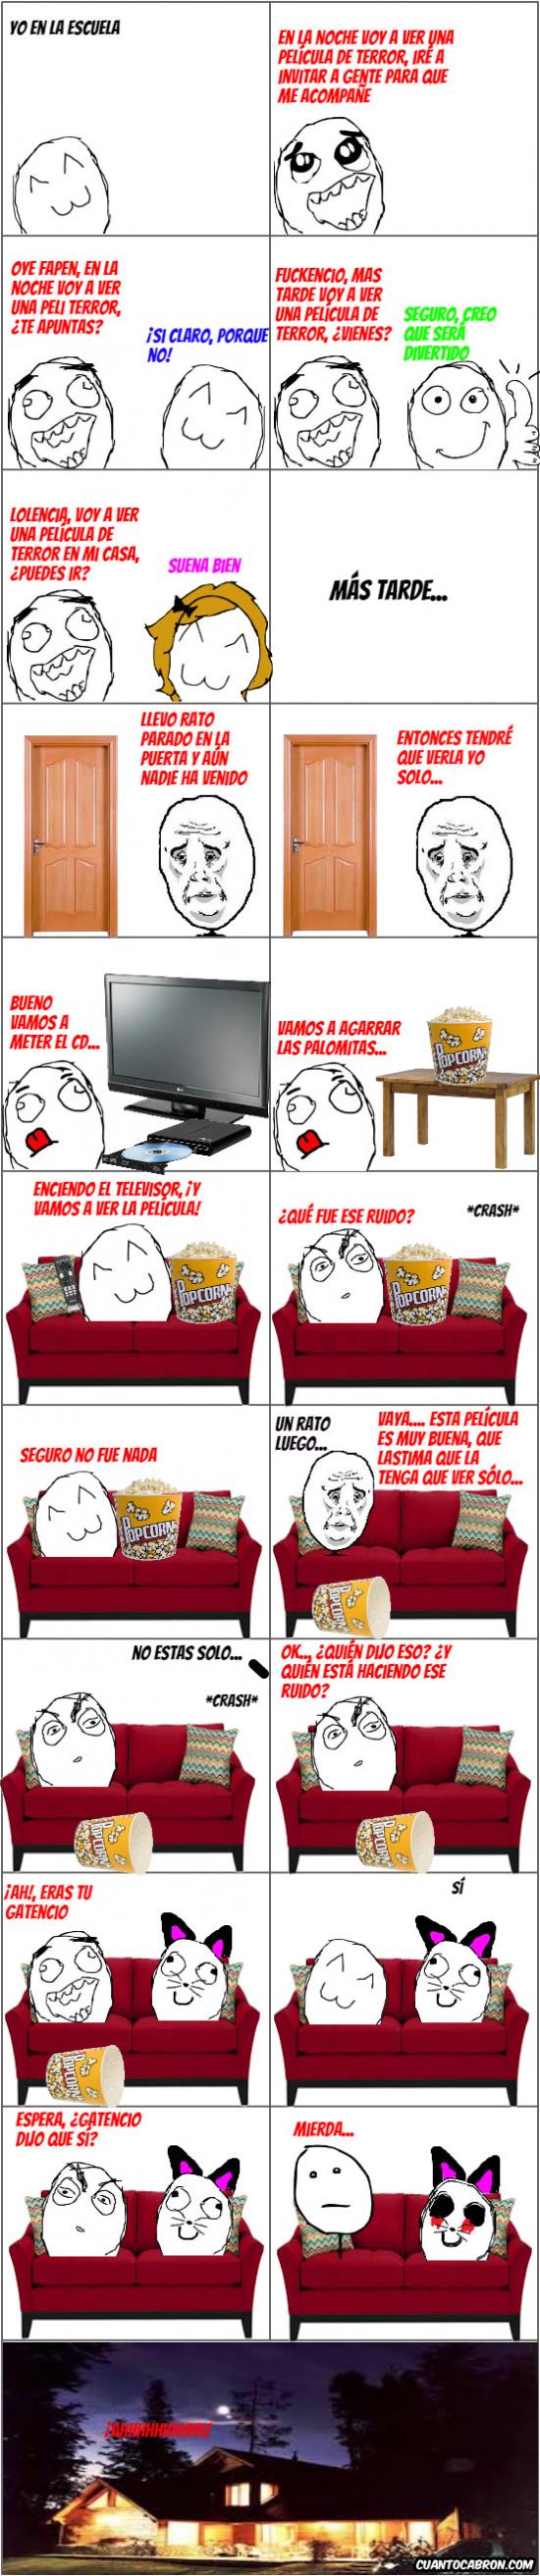 Pokerface - Una película de terror solo en casa